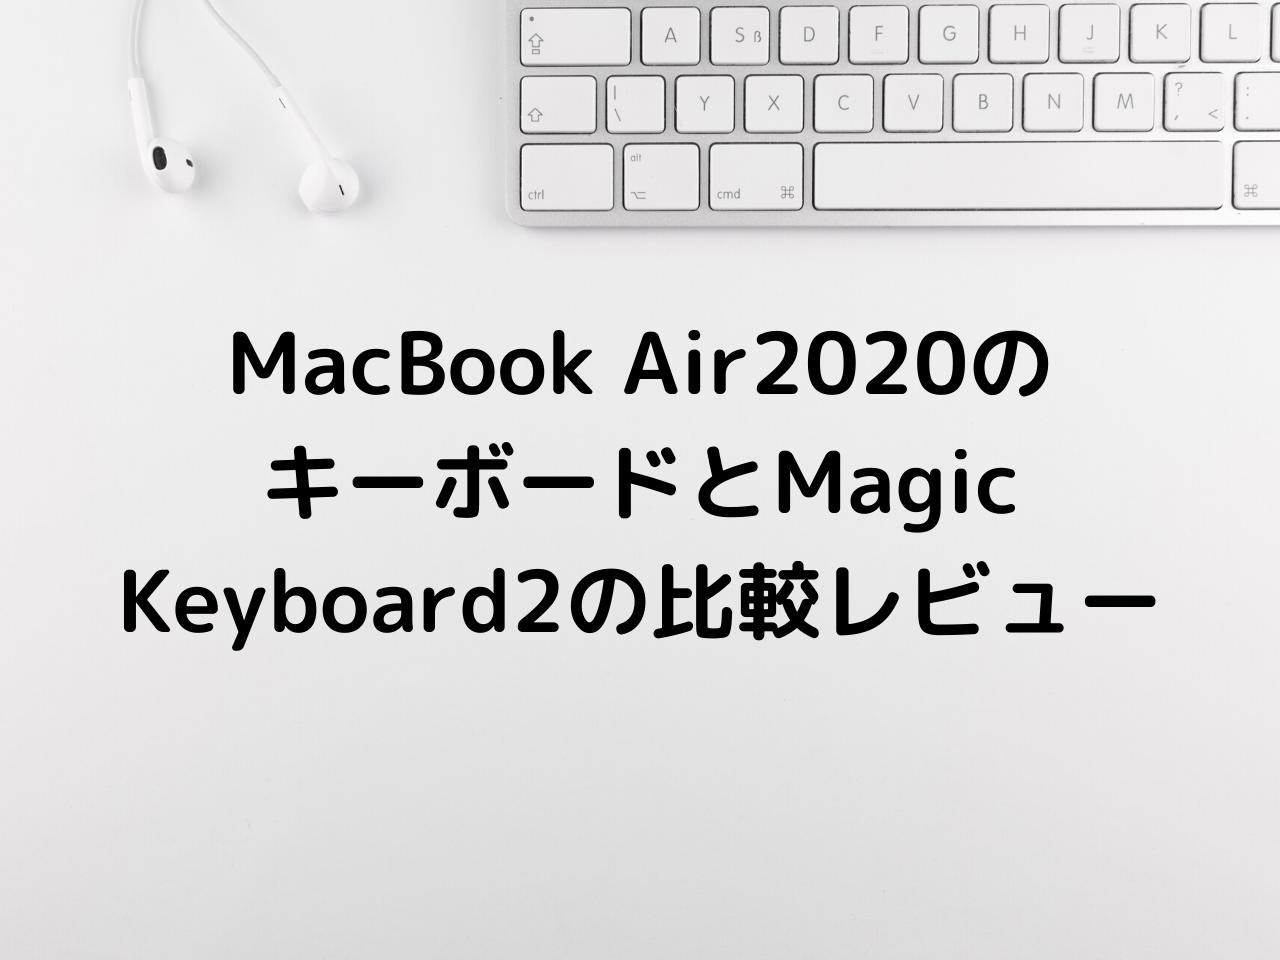 MacBook Air2020のキーボードとMagic Keyboard2の比較レビュー